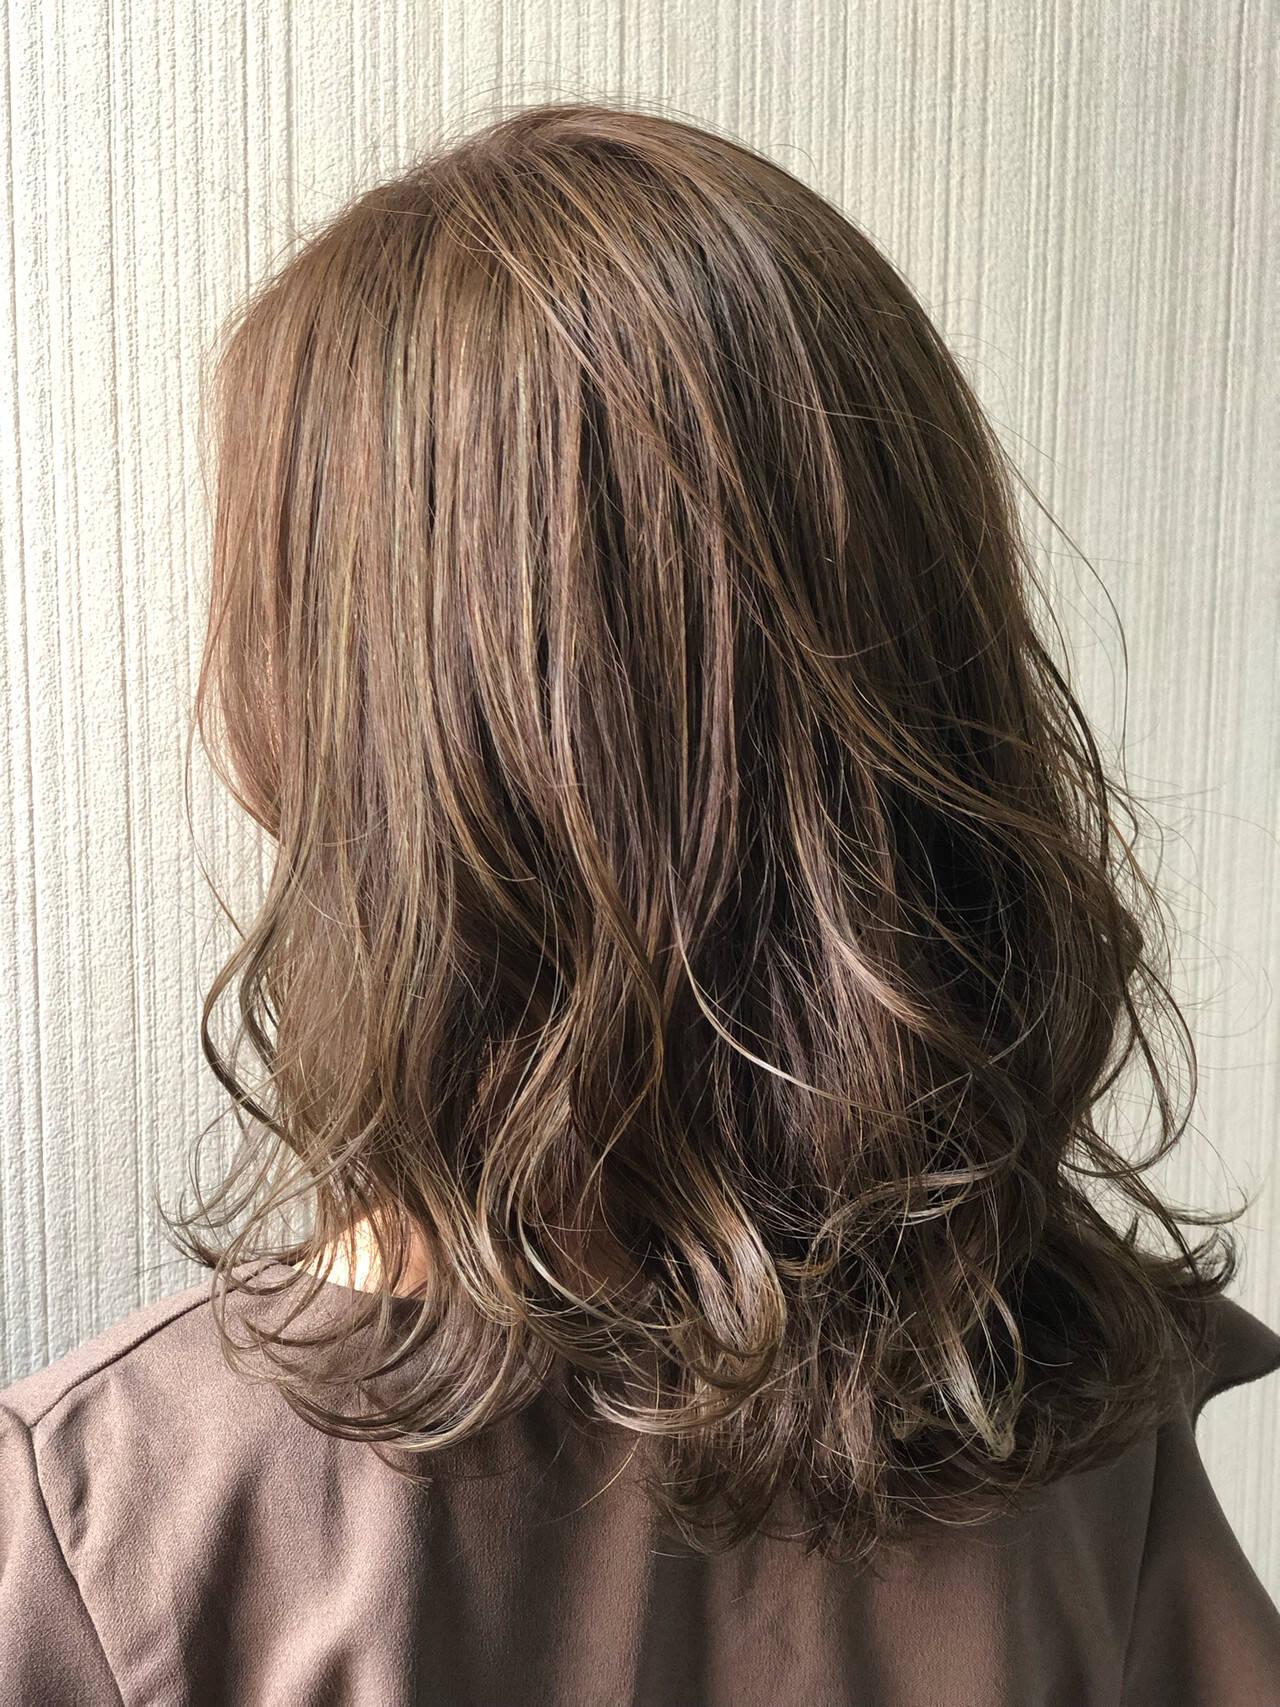 バレイヤージュ ミディアム 3Dハイライト コンサバヘアスタイルや髪型の写真・画像